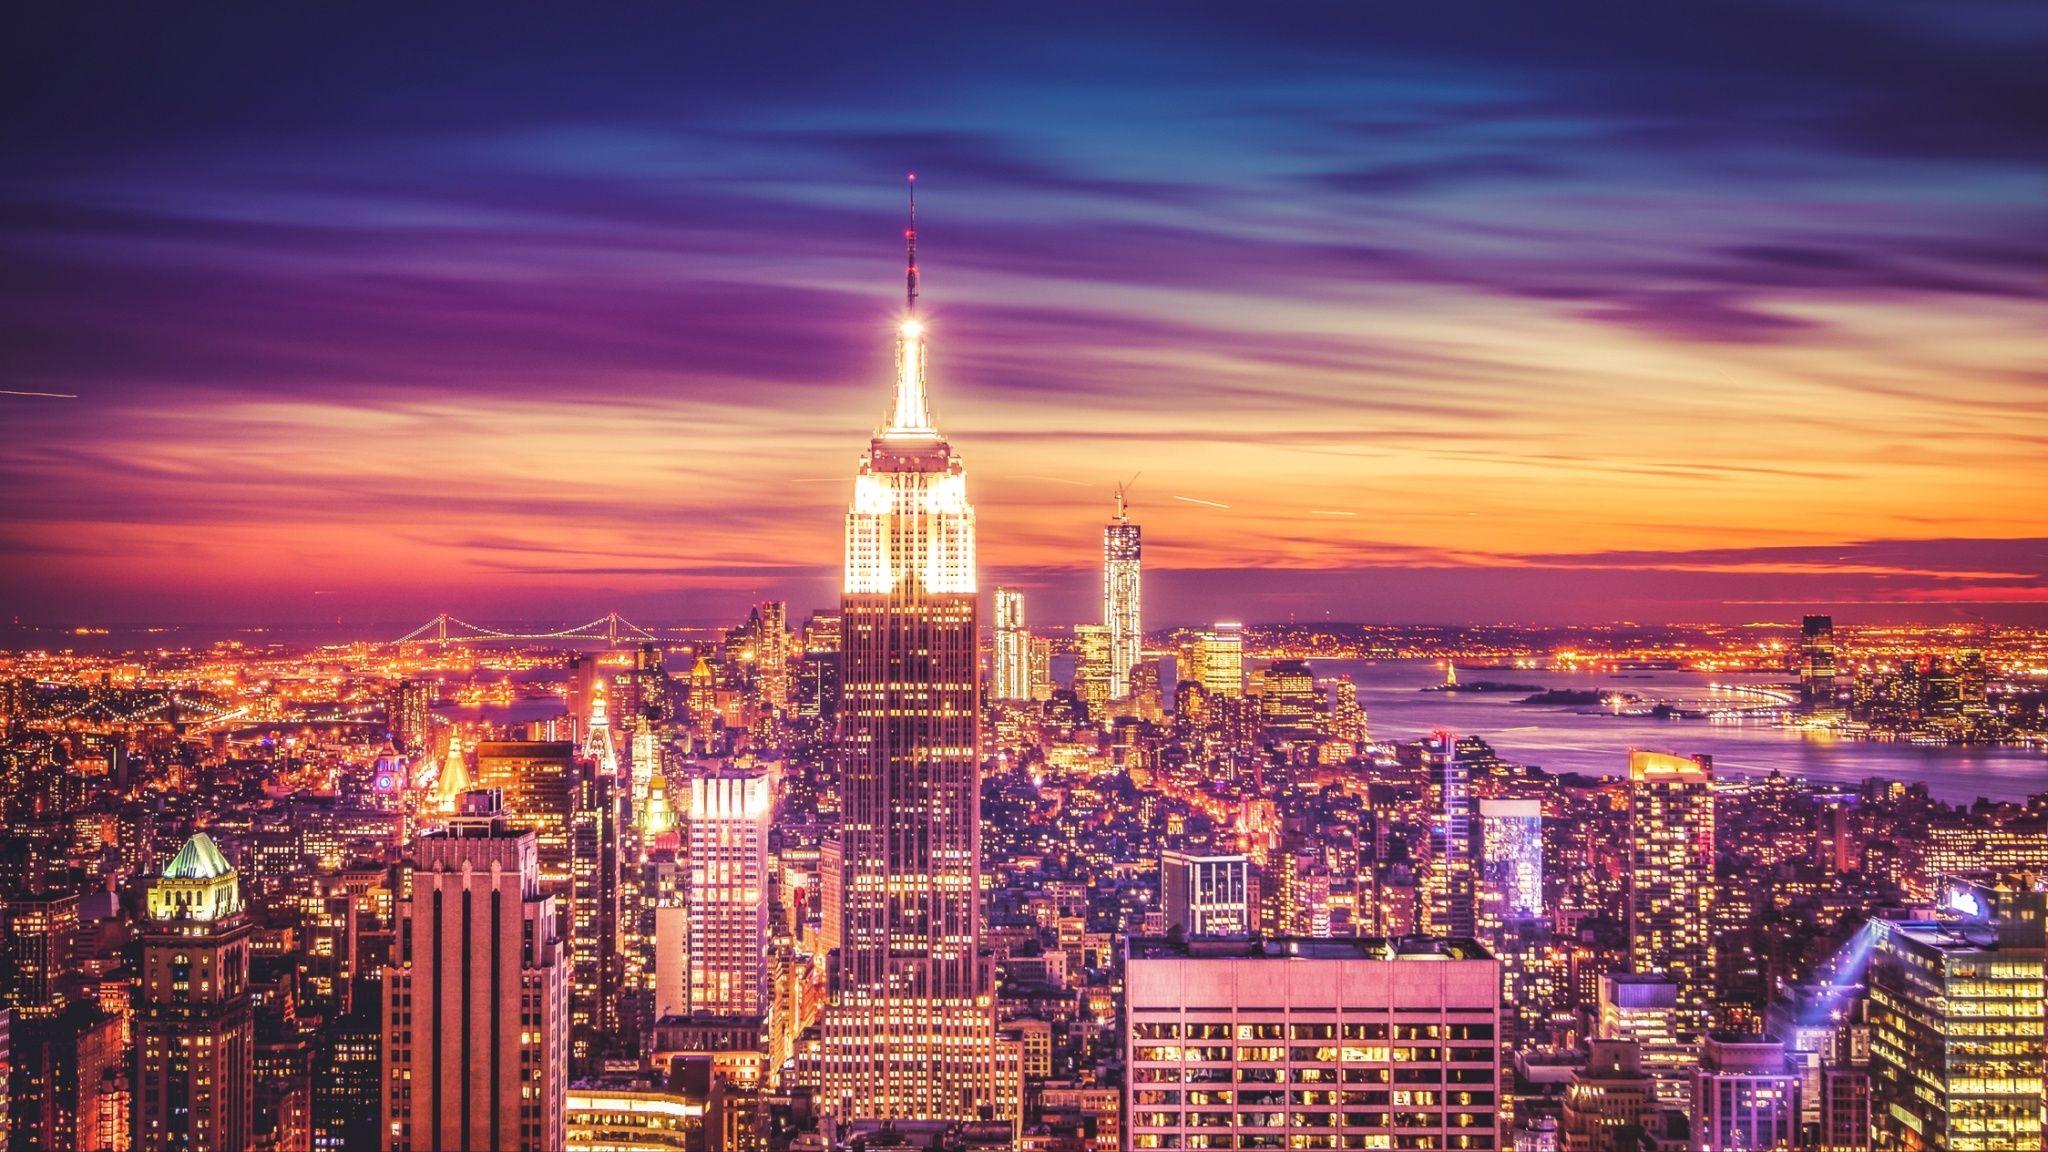 Wallpaper New York City Skyline Sunset